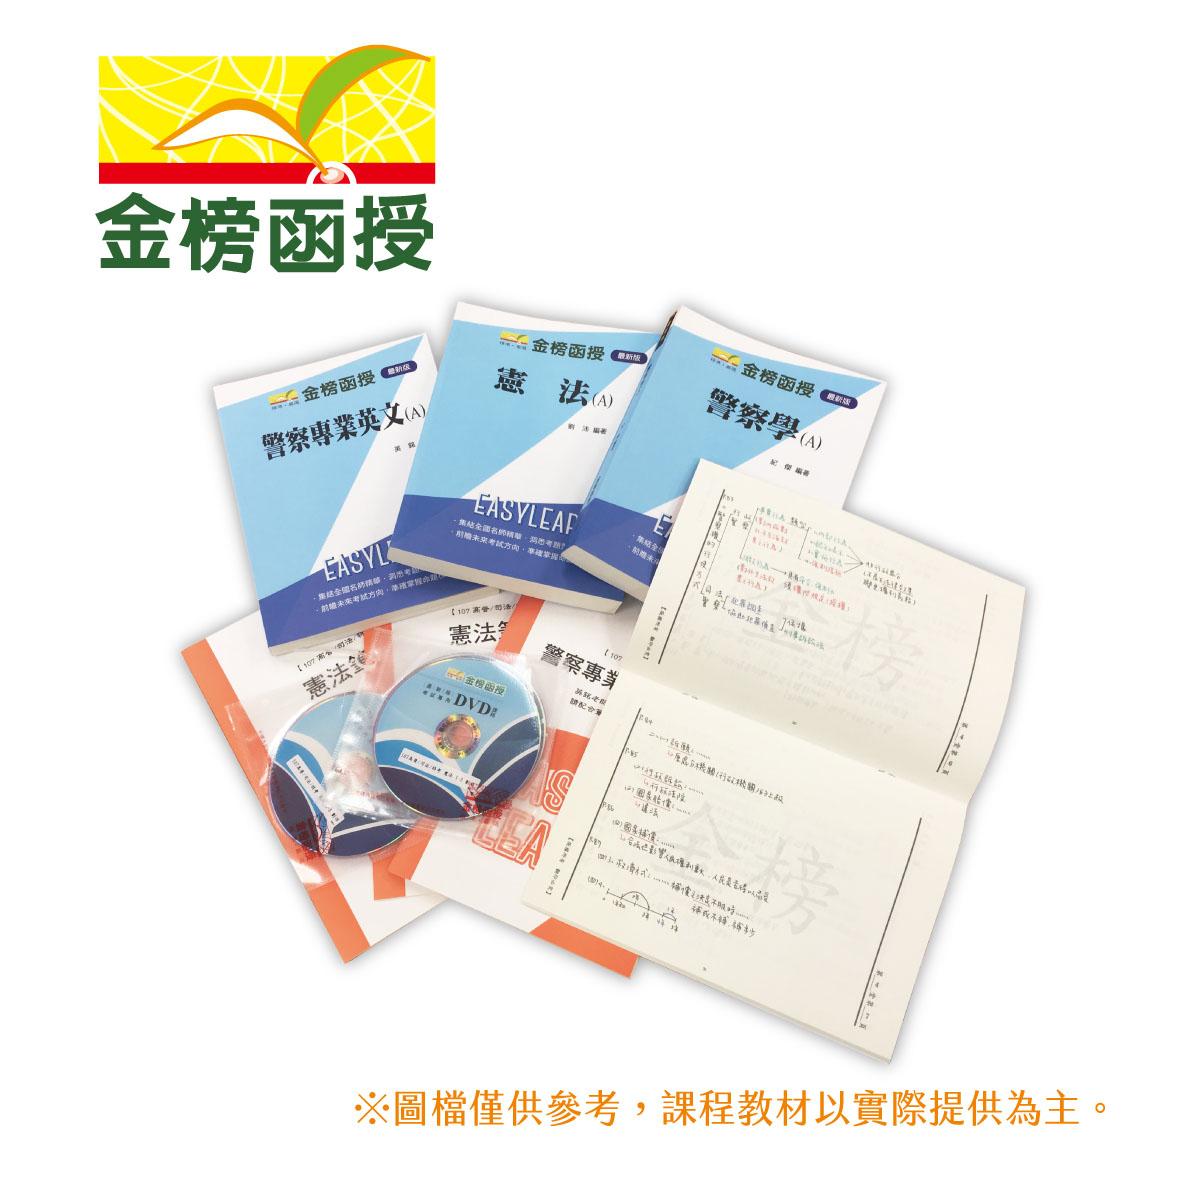 108金榜函授/初等考/全套/人事行政/MP3